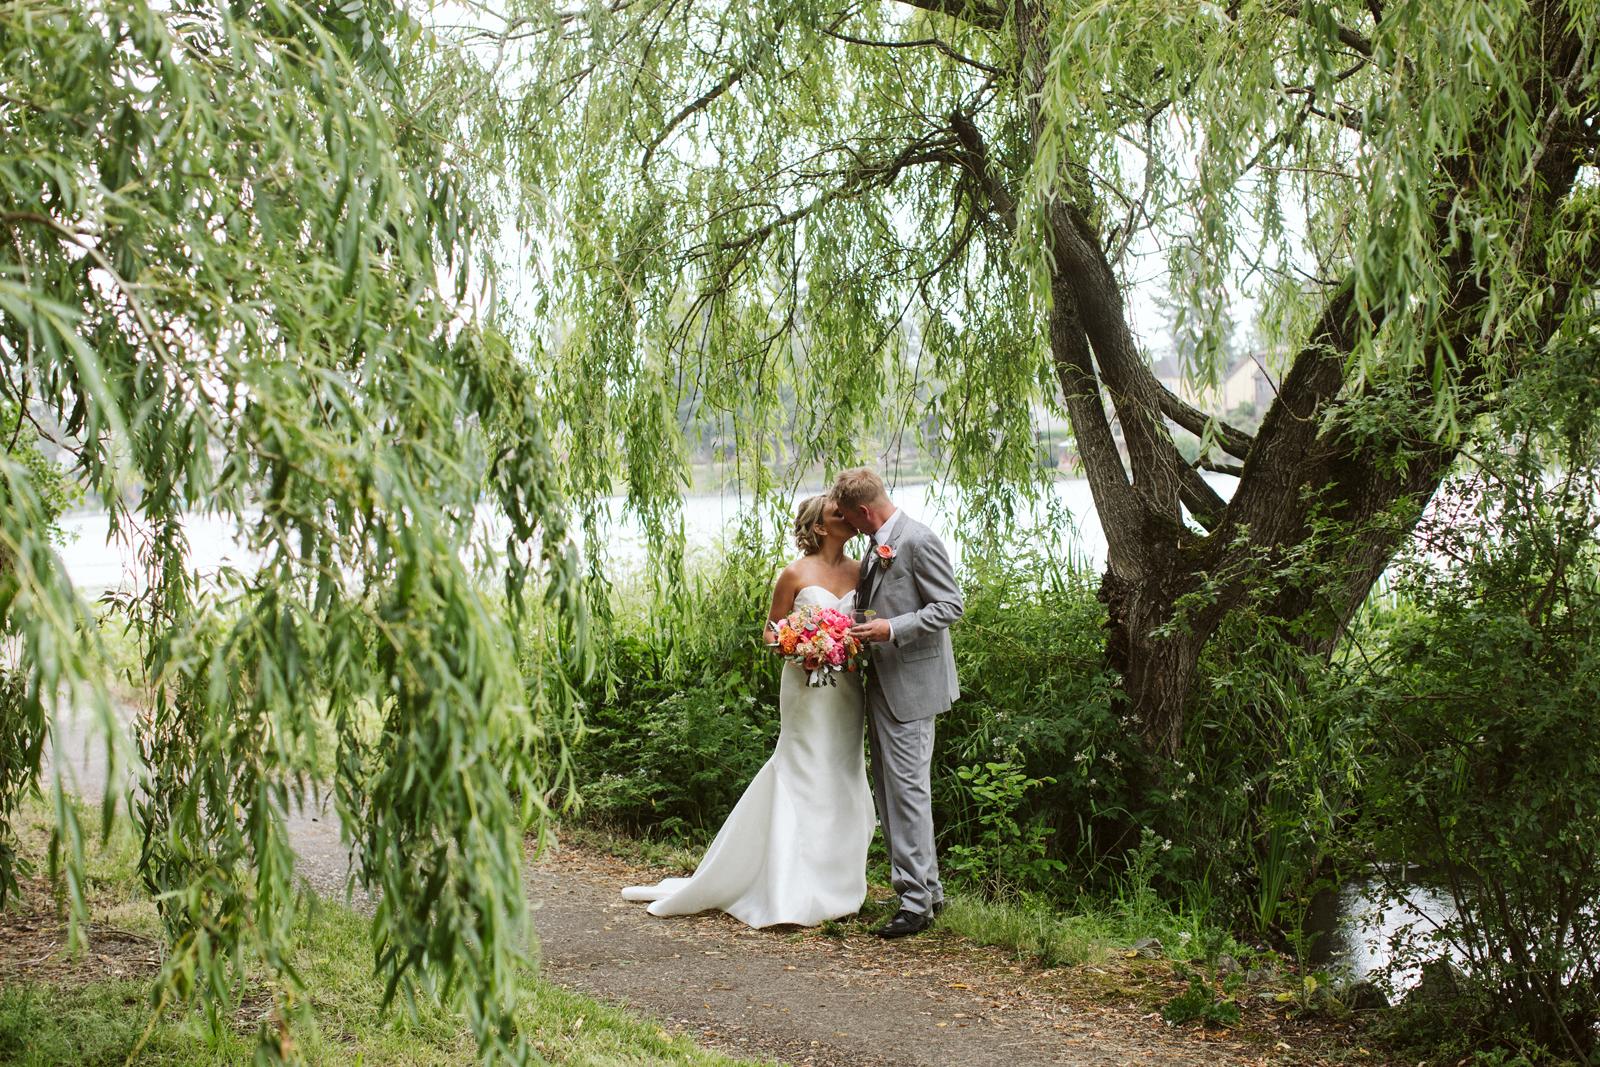 112-daronjackson-gabby-alec-wedding.jpg